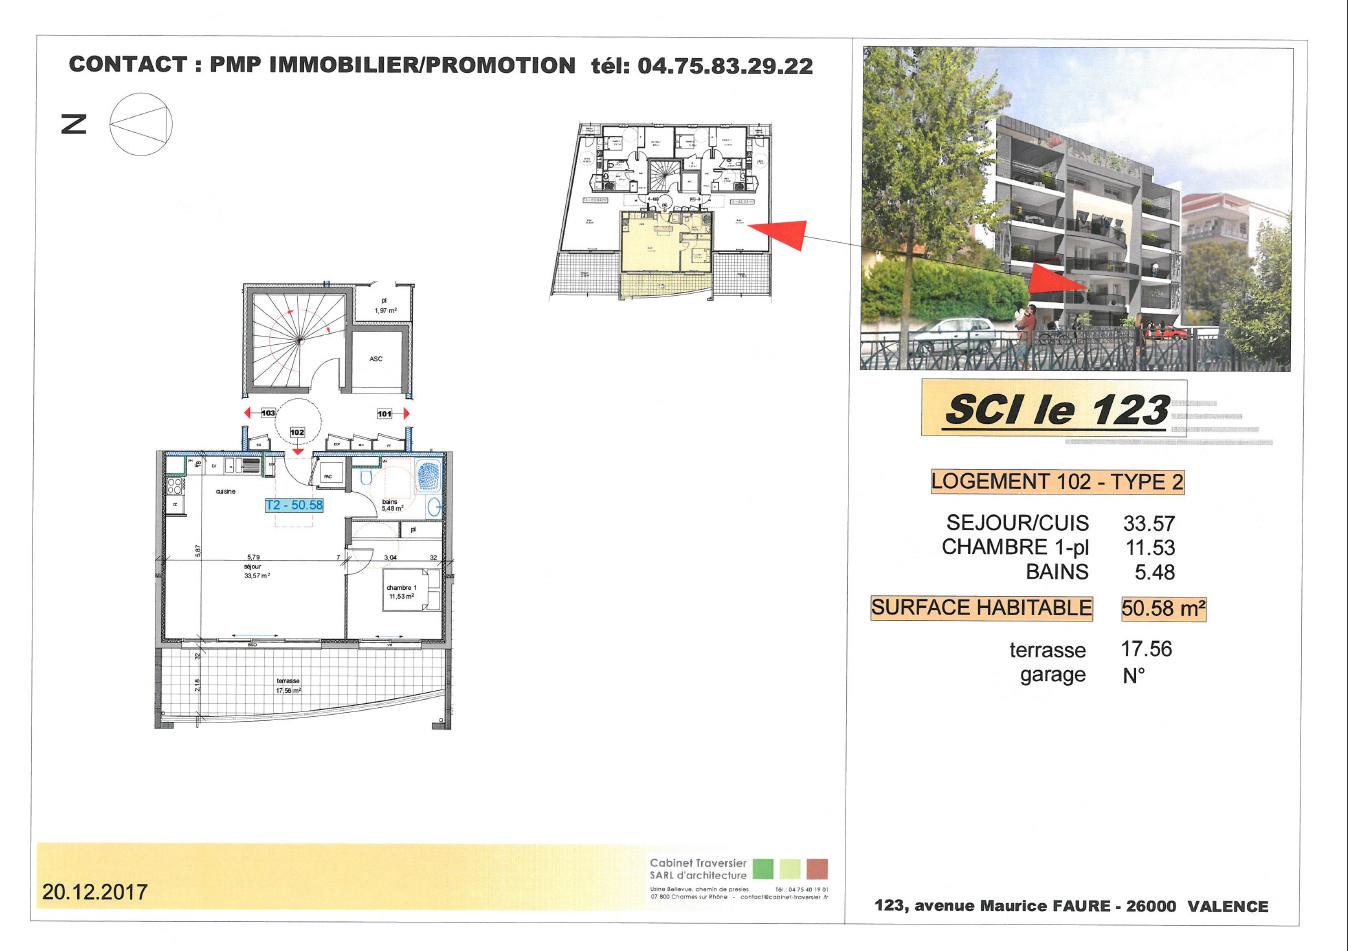 Achat De Maison De Campagne Avec Piscine Glun - Pmp Immobilier à Piscine Guilherand Granges